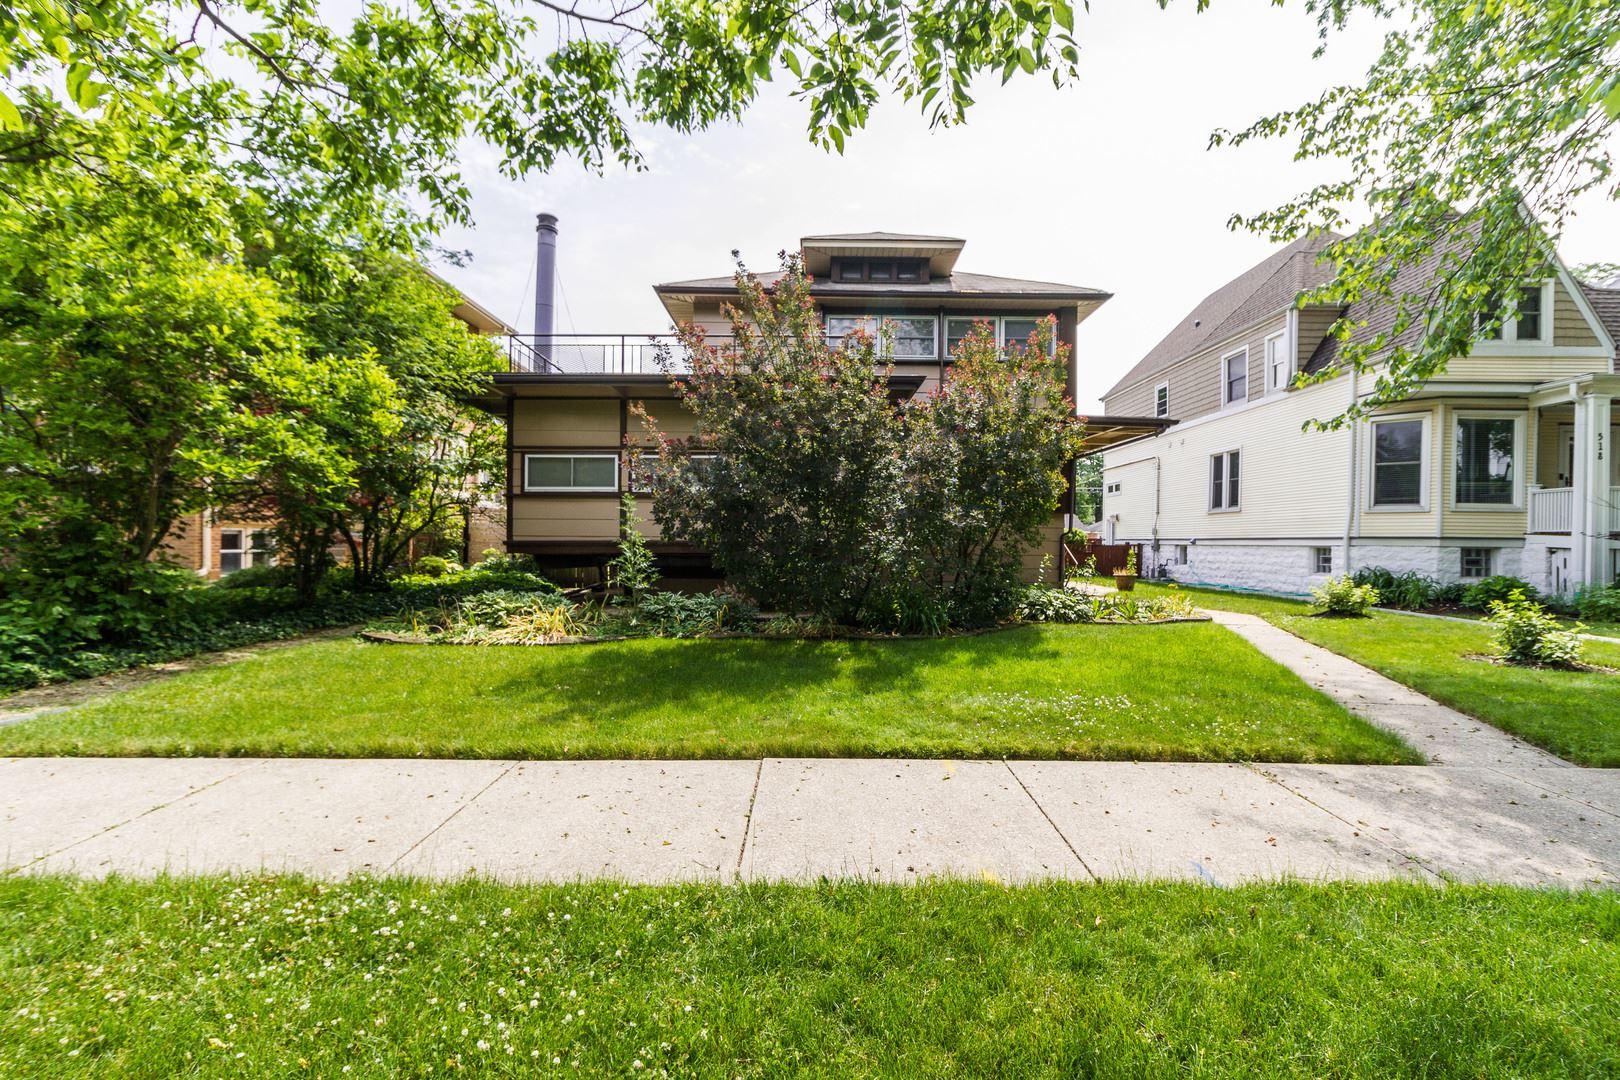 524 N Cuyler Avenue, Oak Park, IL 60302 - #: 10759788